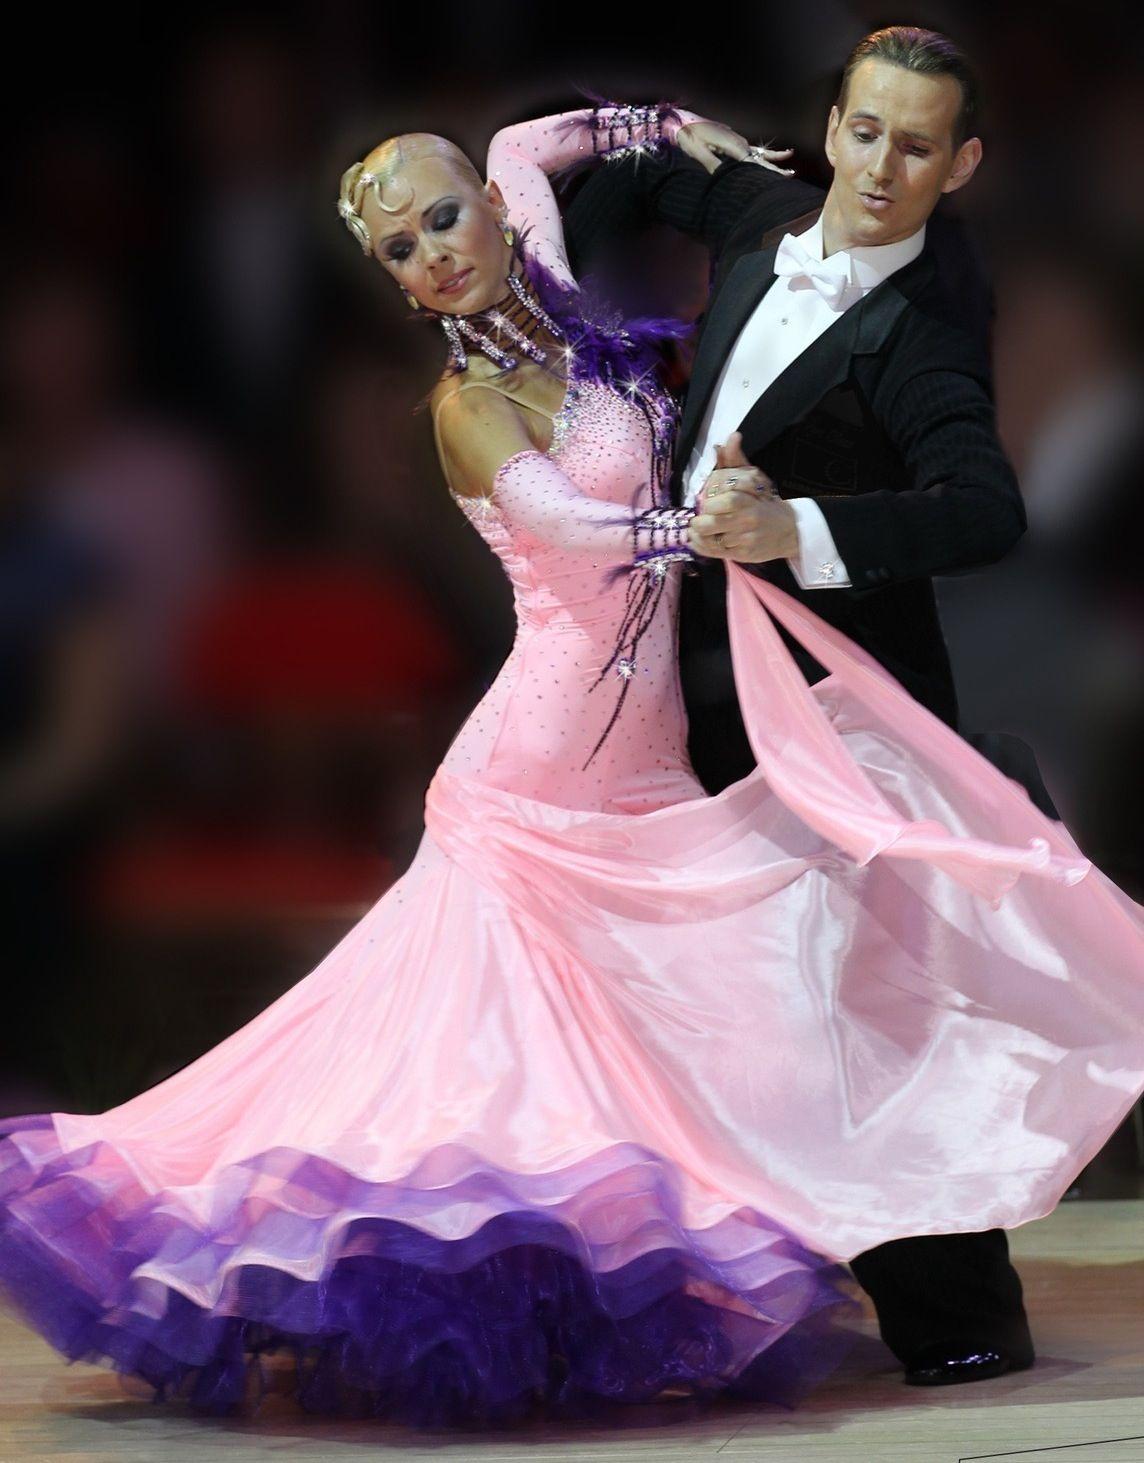 Mark Elsbury & Olga Elsbury | Blackpool Dance Festival 2012 [Chrisanne sponsor dress, delicate color shading]